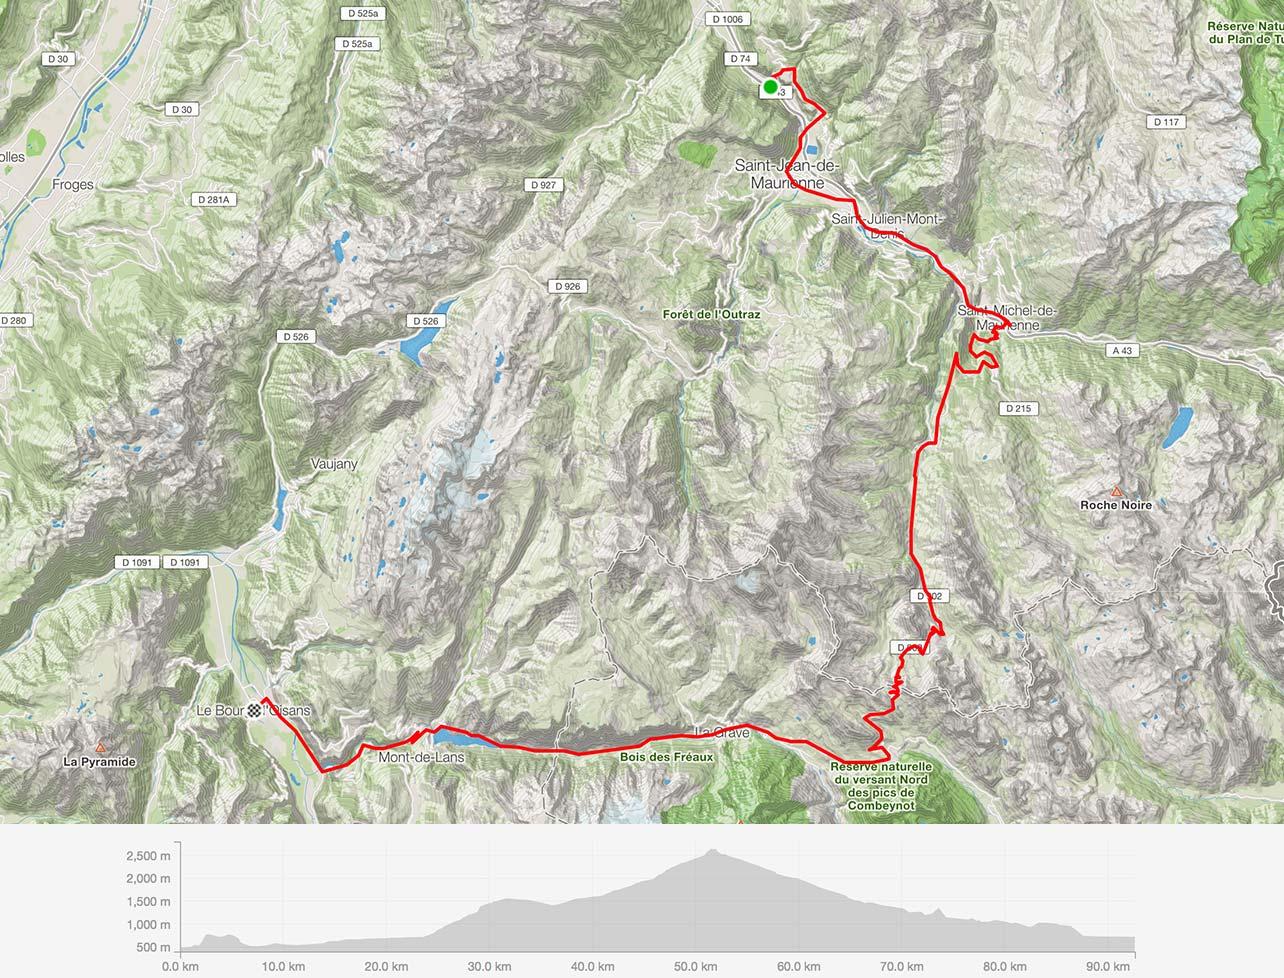 Lacets de Montvernier, Col du Télégraphe · 1,566 m (5,137 ft), Col du Galibier · 2,645 m (8,678 ft)